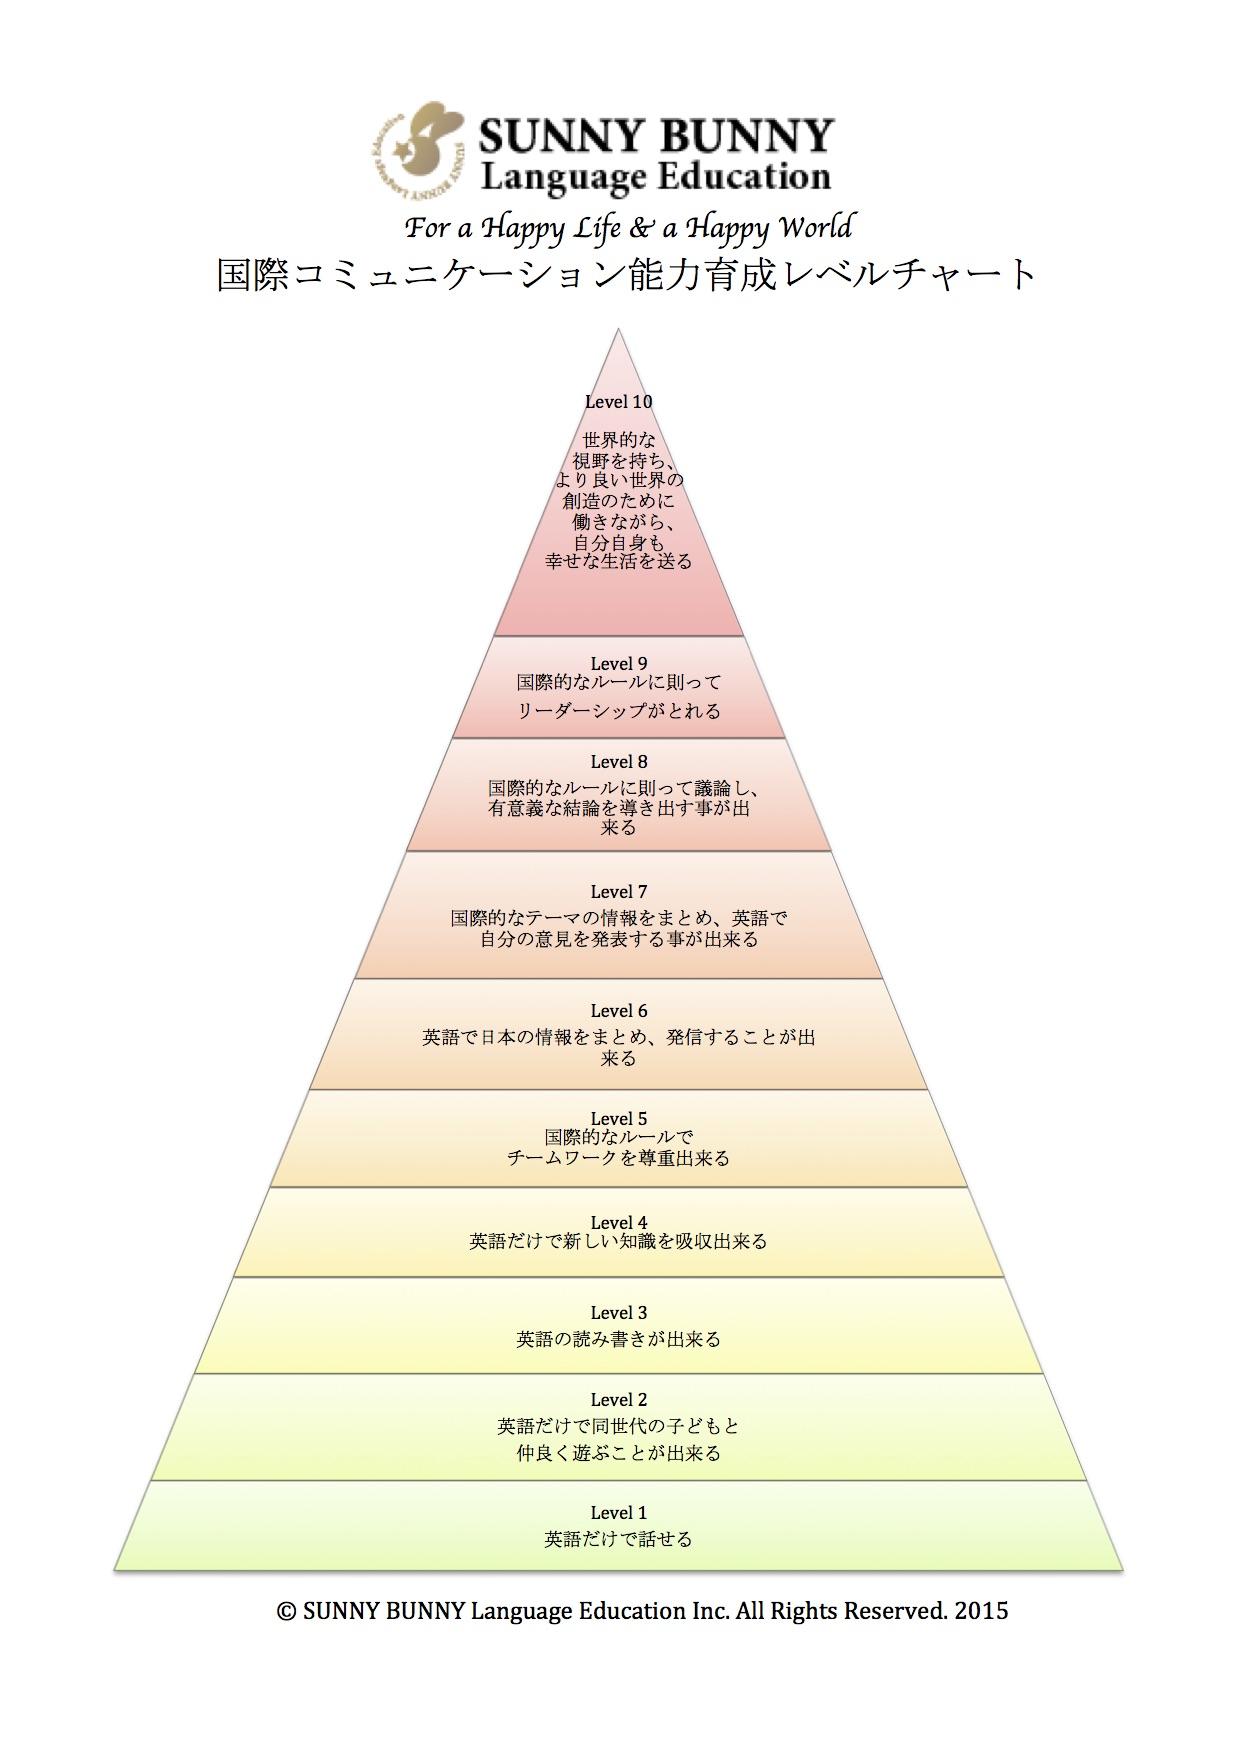 国際コミュニケーション能力レベルチャート